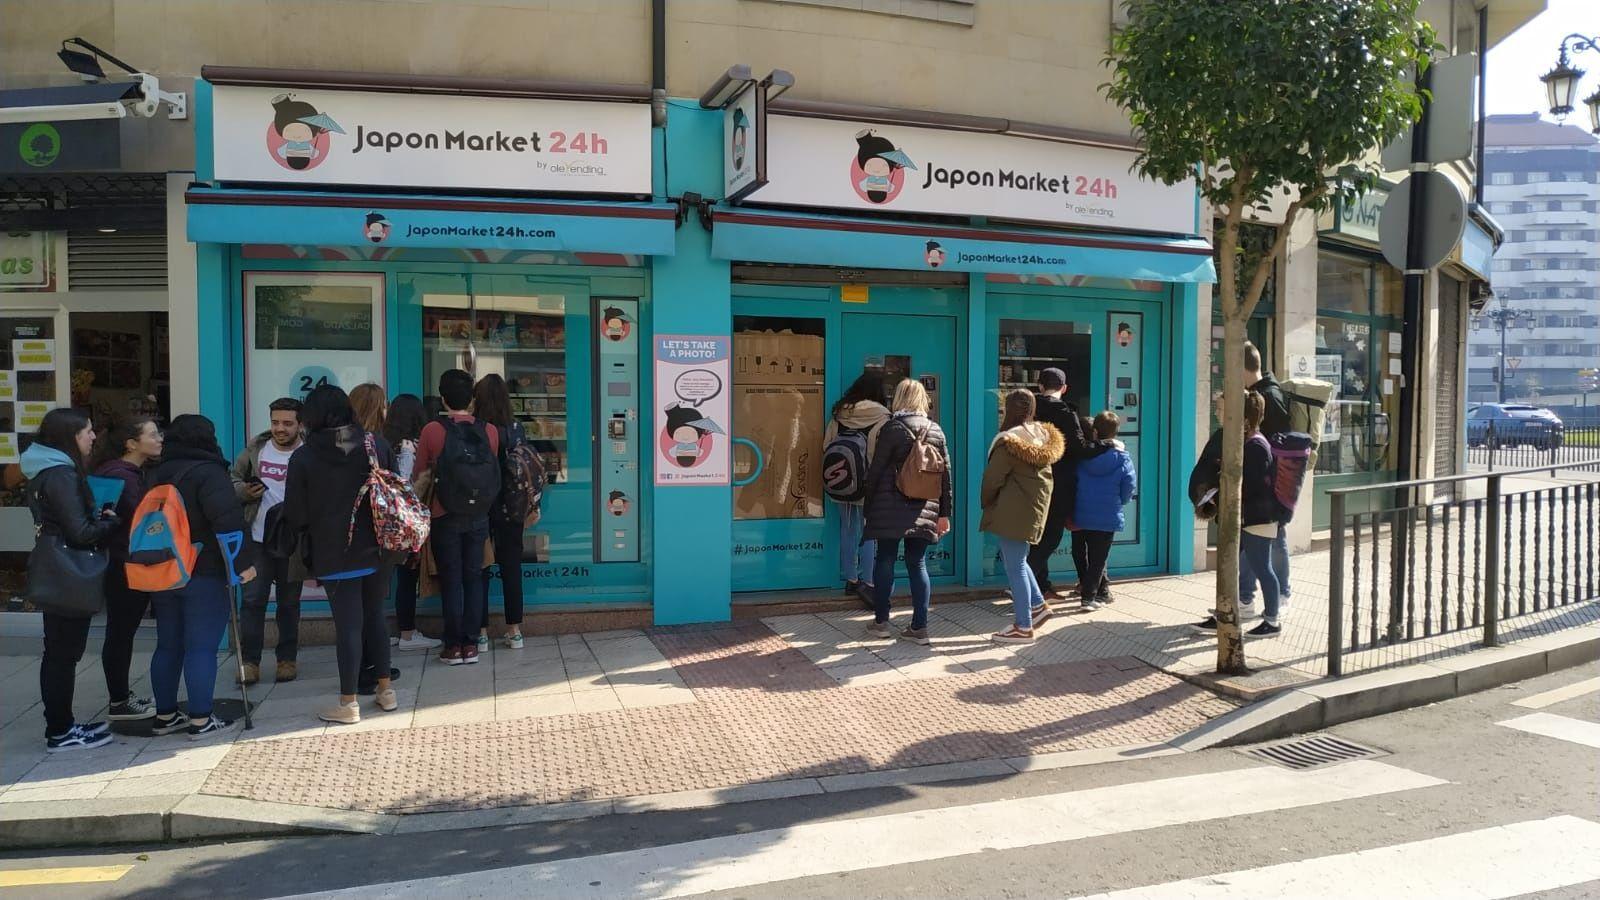 Así customizará Zara los vaqueros de sus clientes.Máquinas expendedoras de comida japonesa en Oviedo